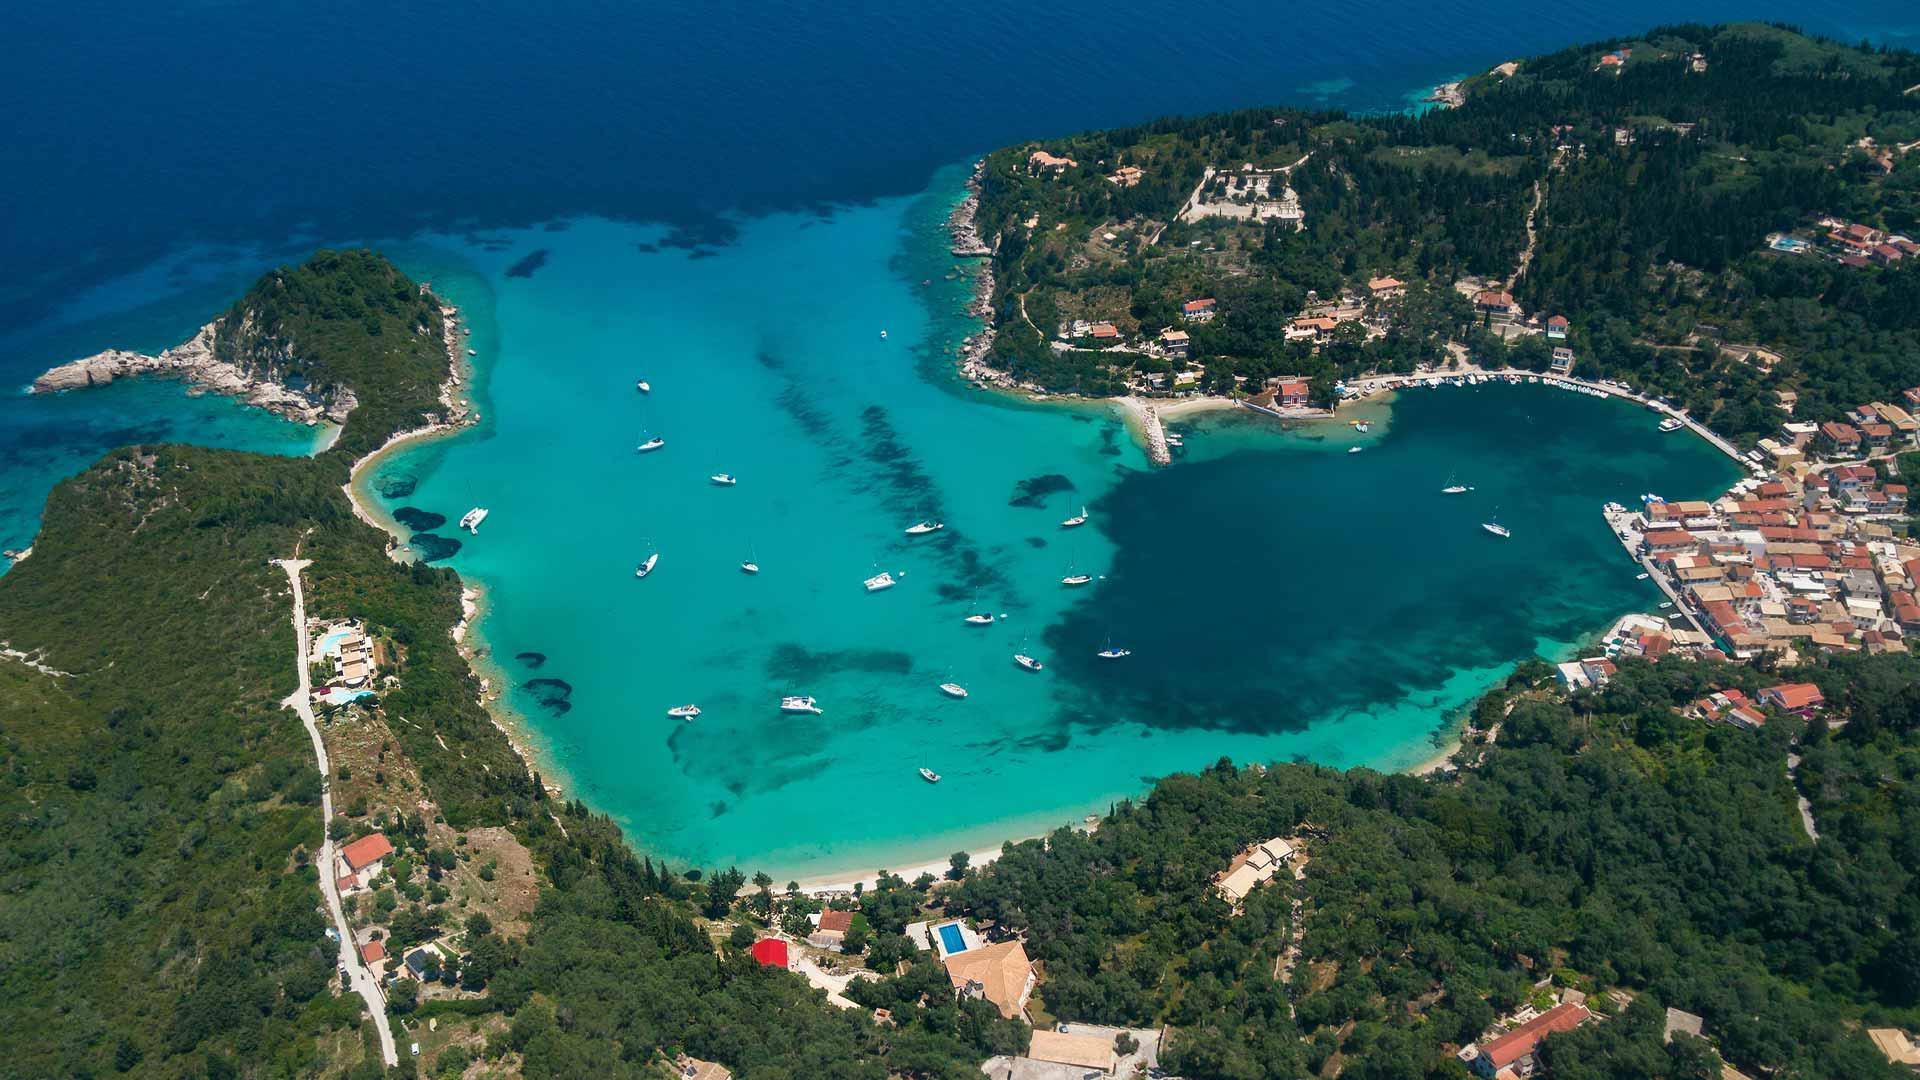 Isole greche: lo straordinario arcipelago